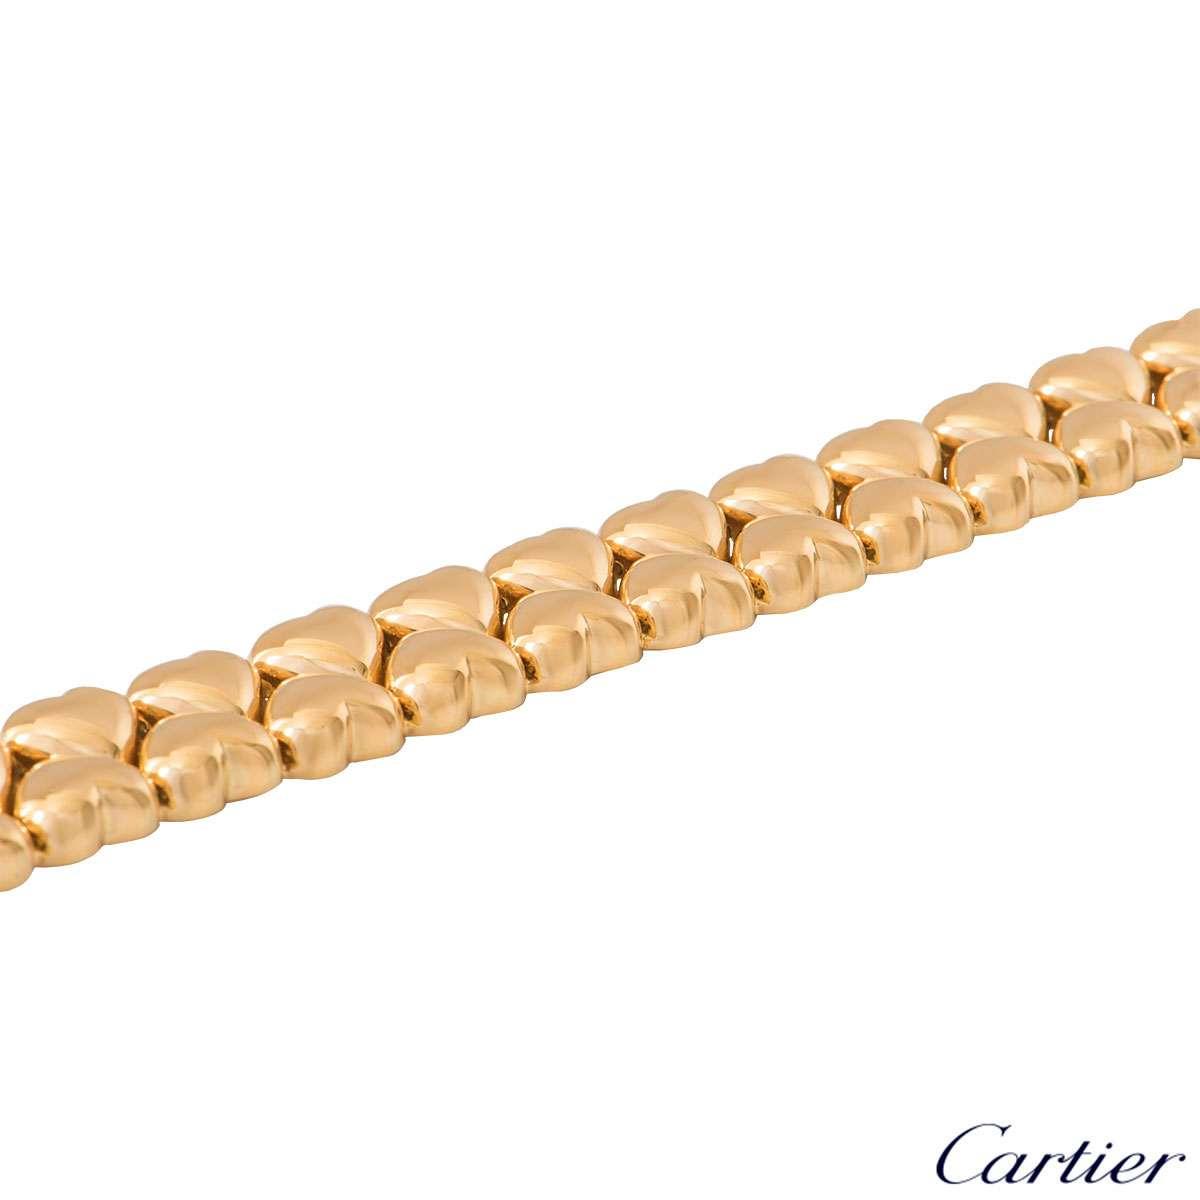 Cartier Yellow Gold Heart Link Bracelet